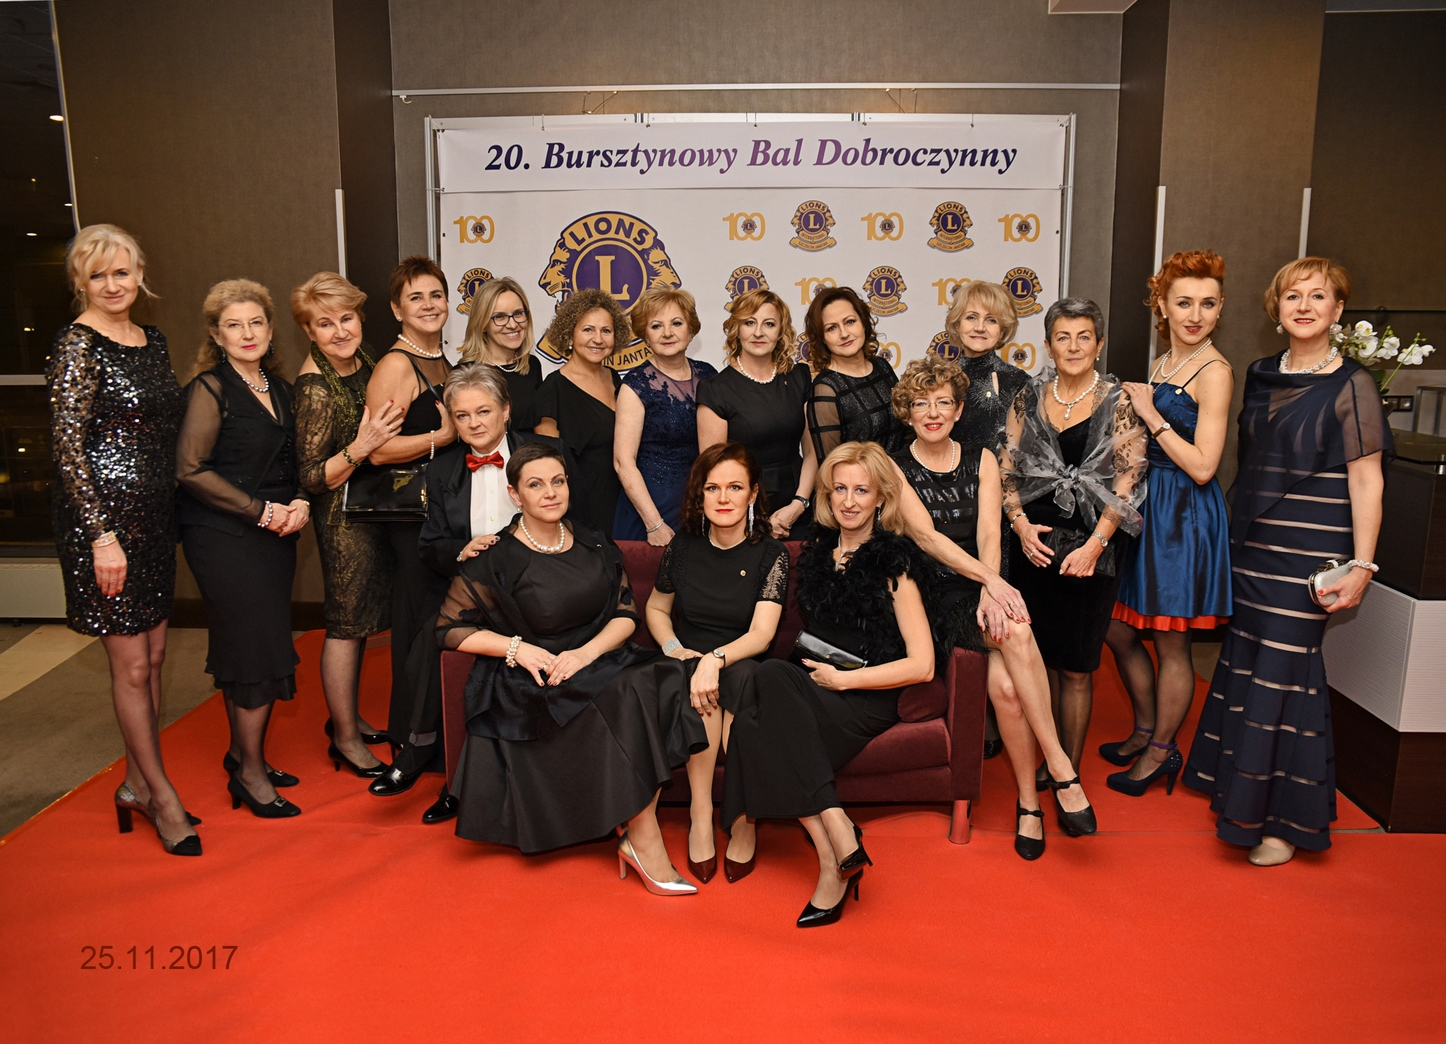 xx-bursztynowy-bal-charytatywny-25-11-2017-r